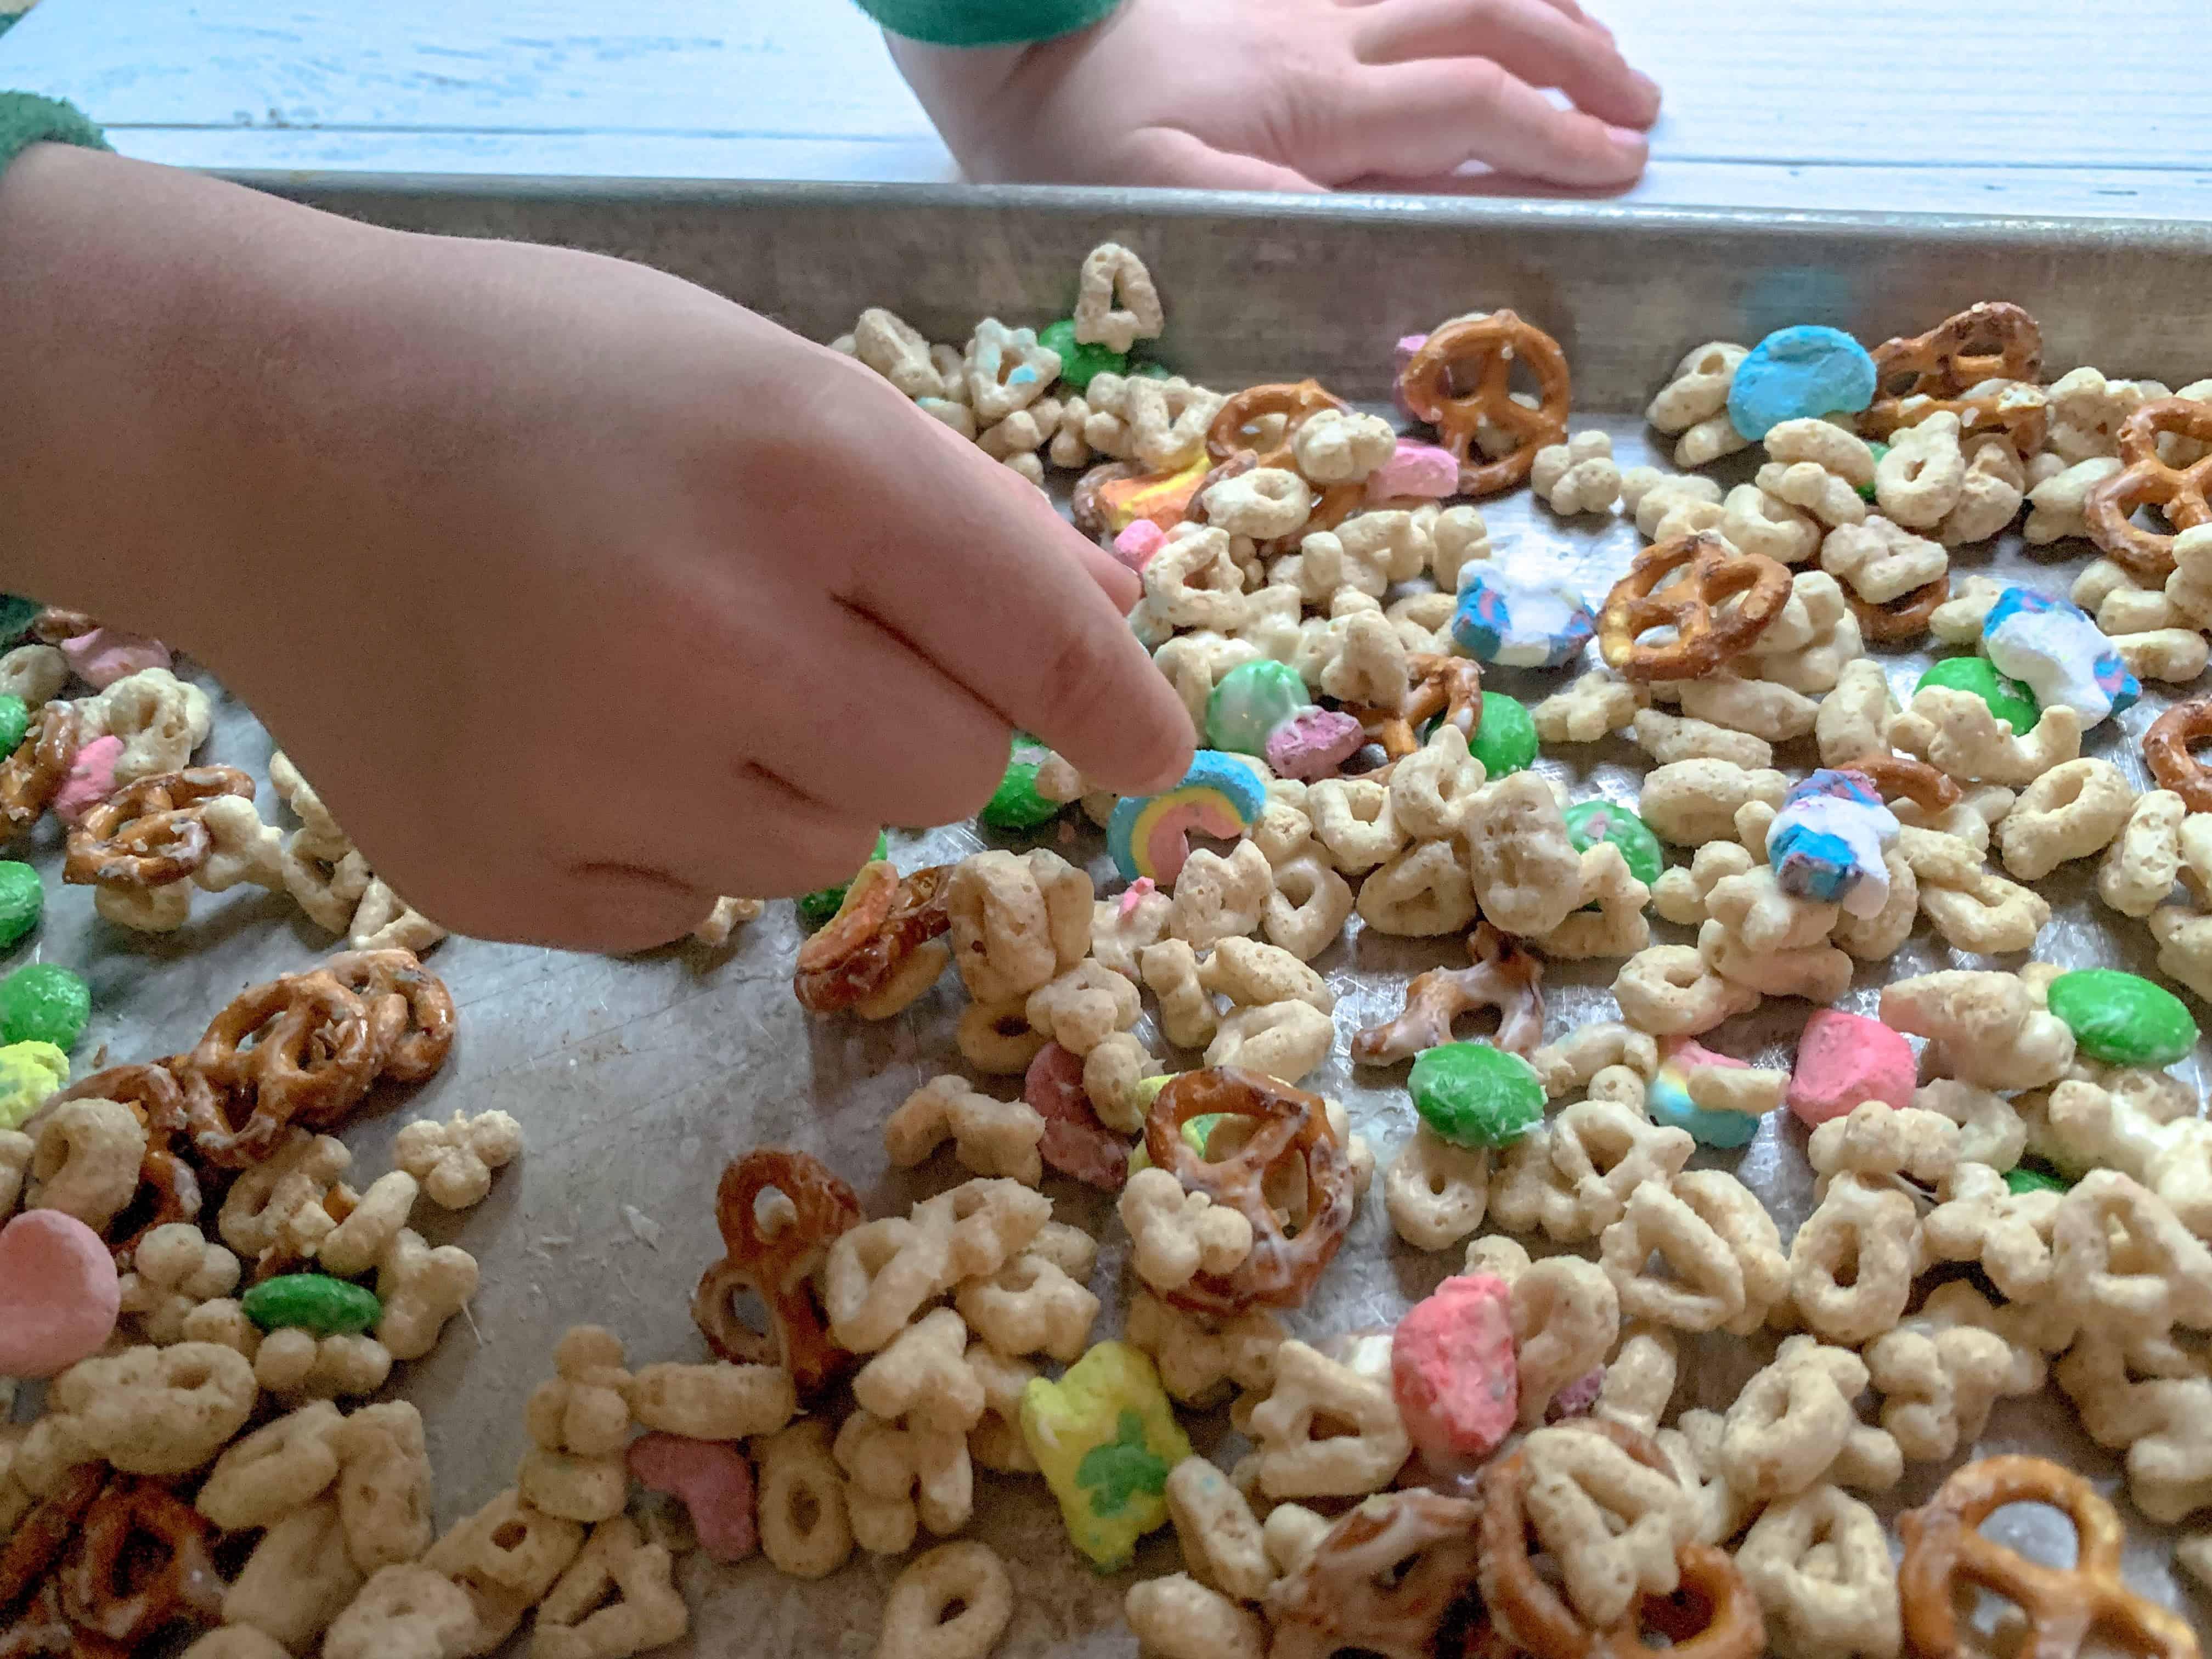 kiddos hands in leprechaun bait